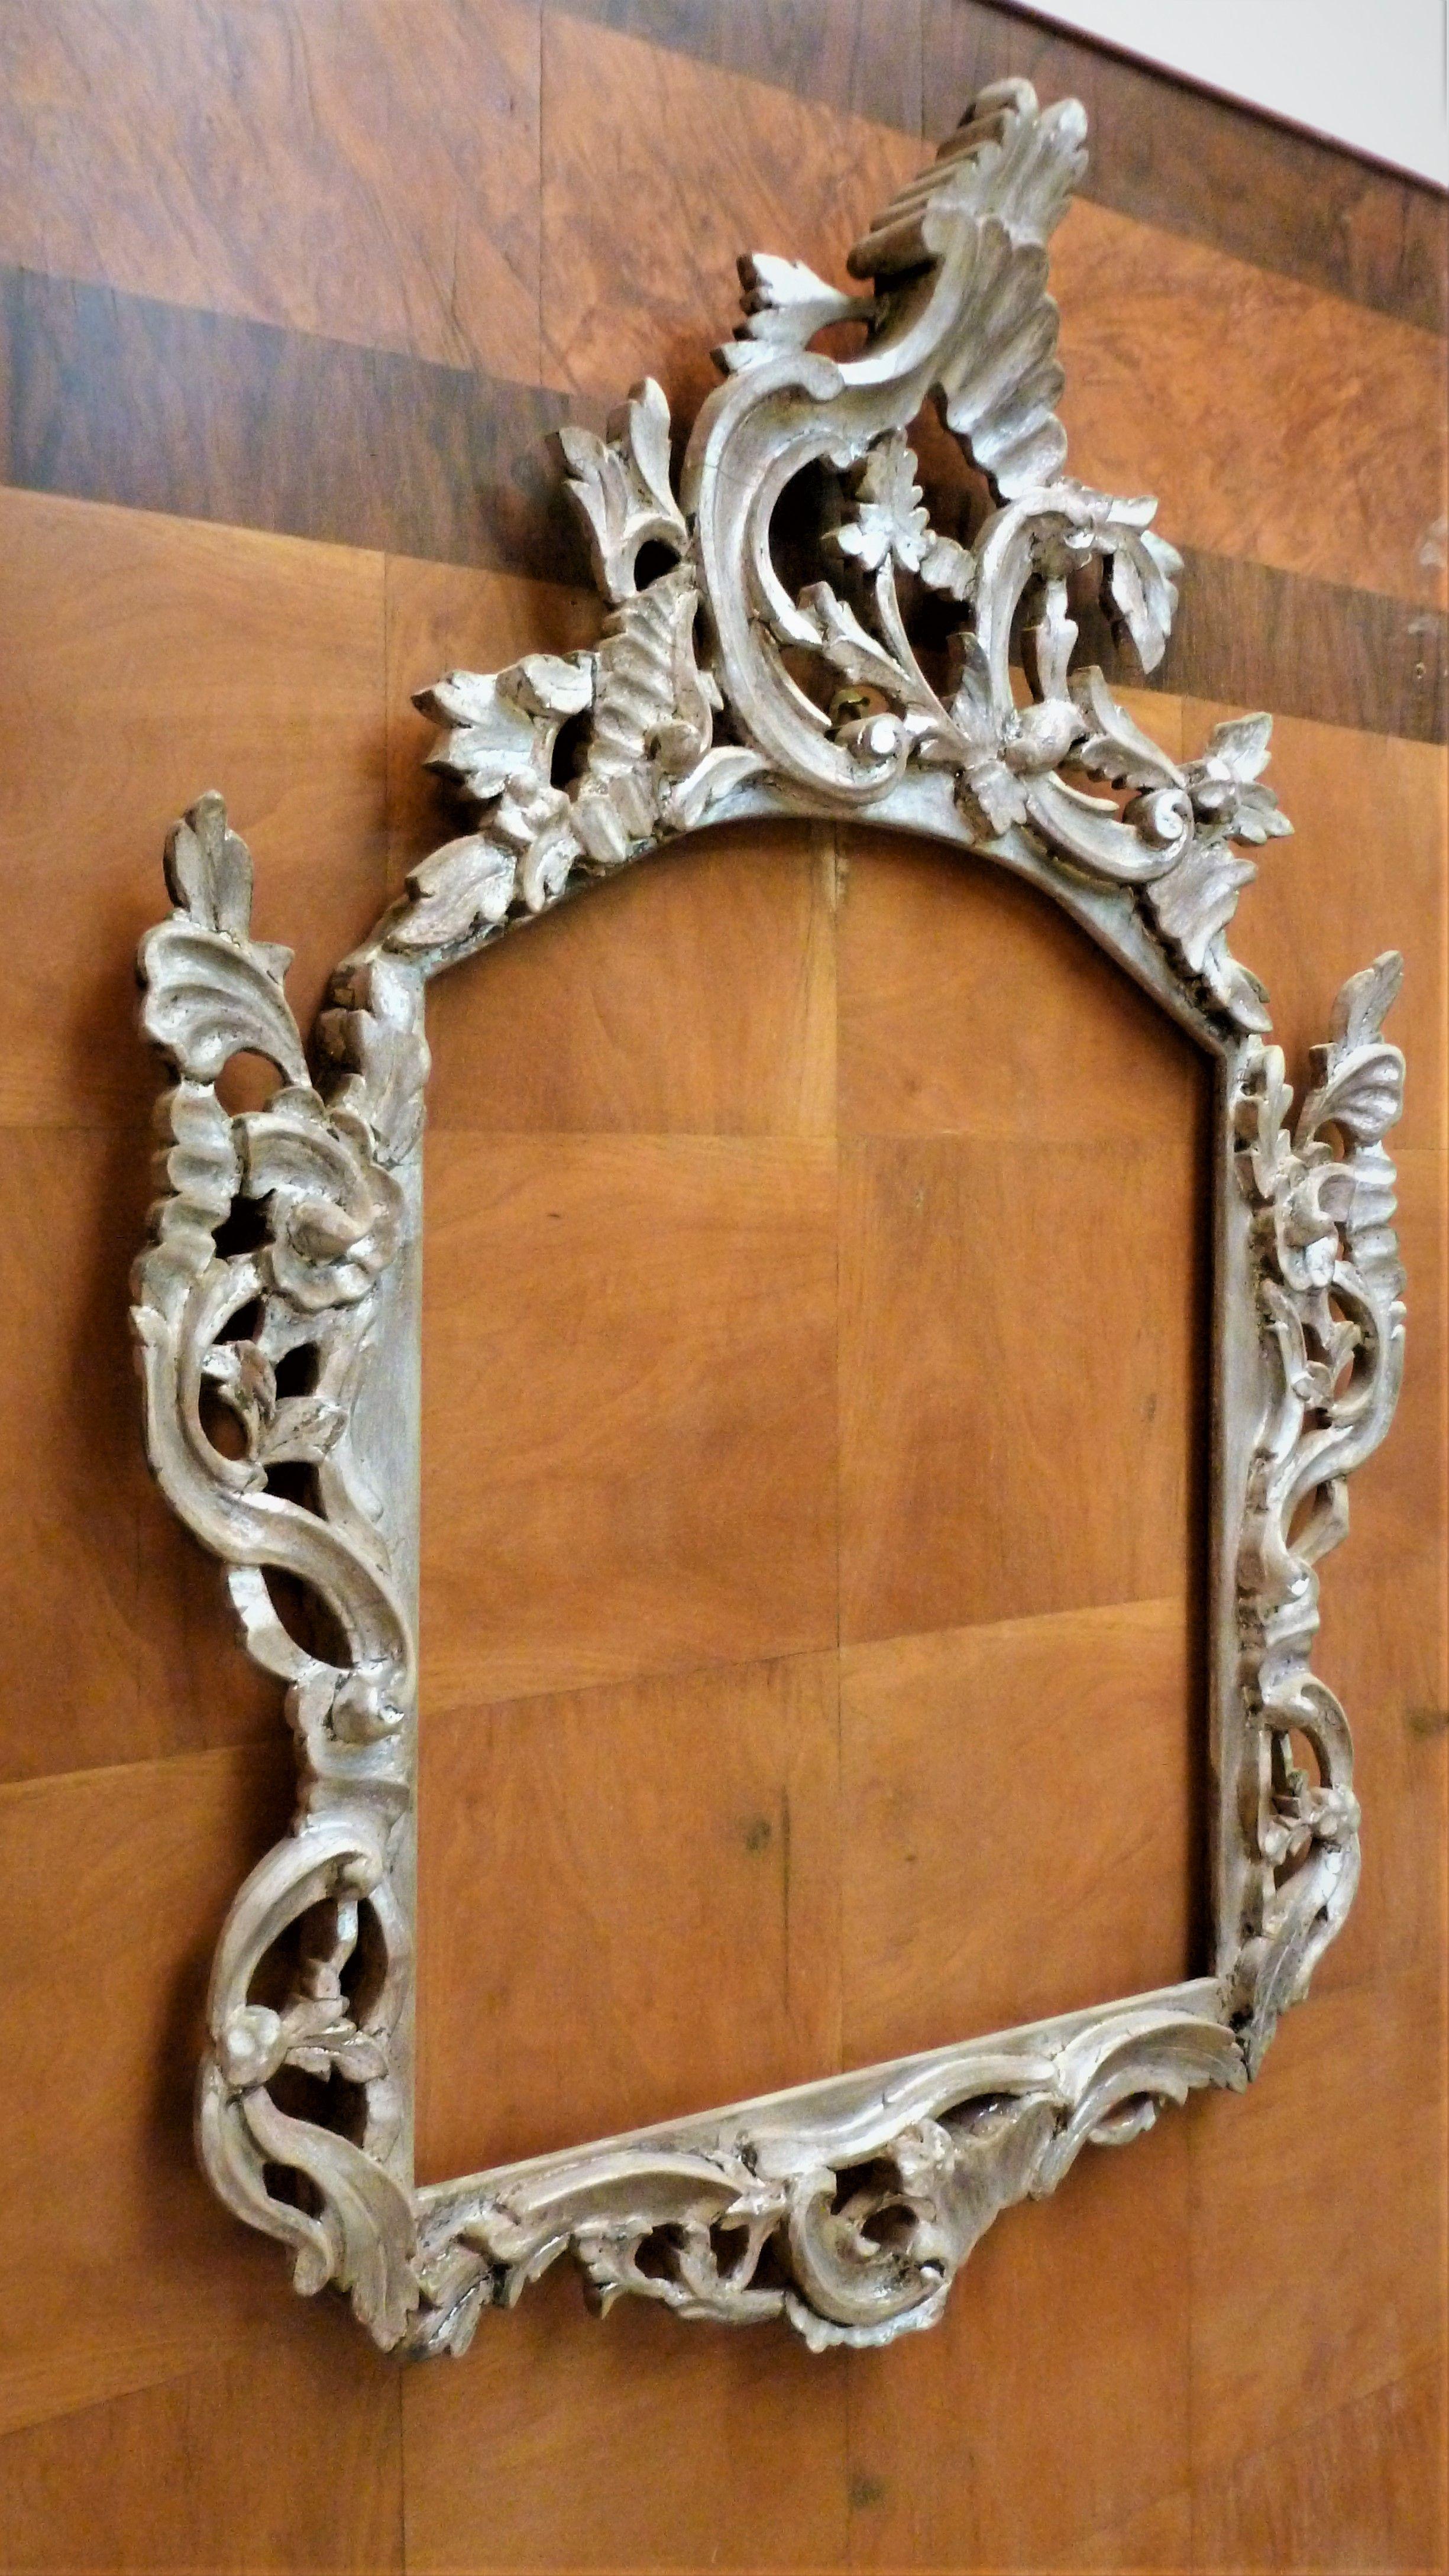 Unica ed originalissima cornice in legno stile rococò